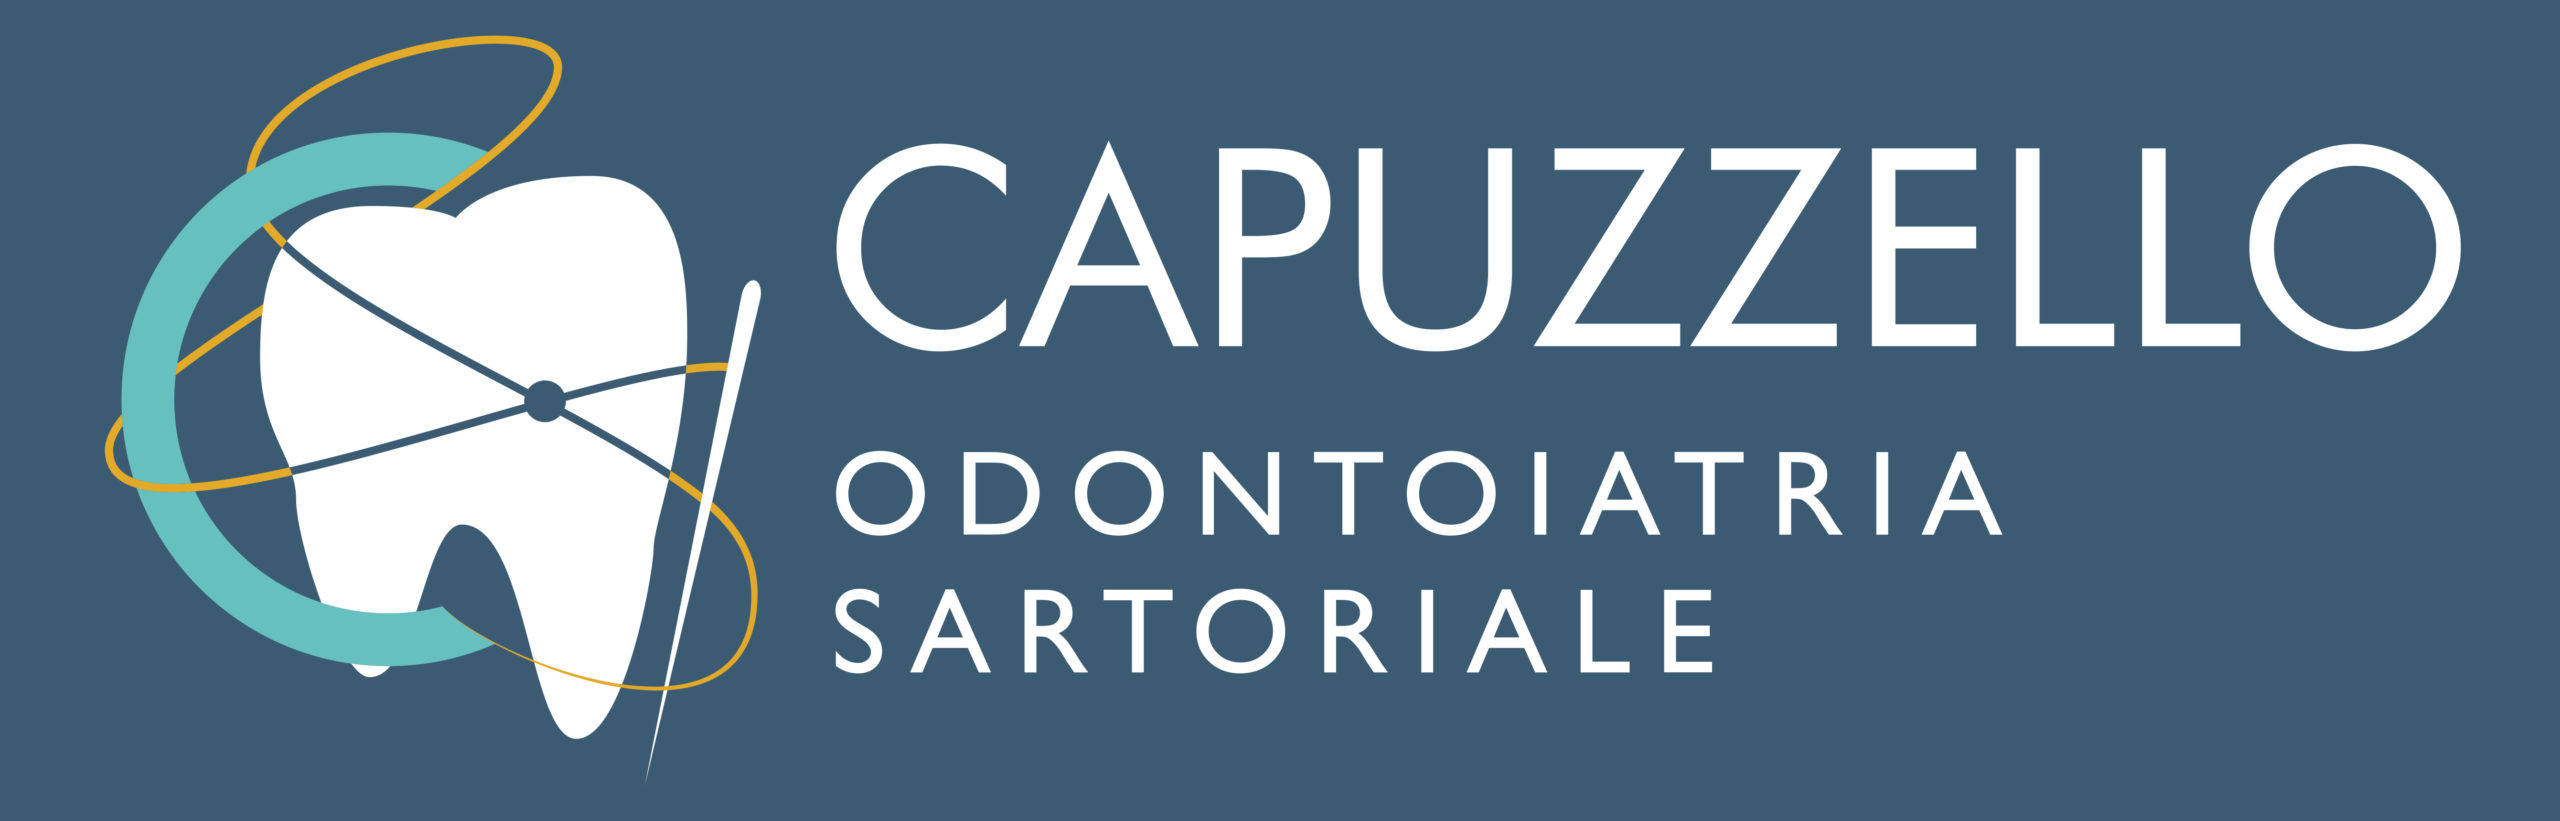 Studio Dentistico Capuzzello Logo